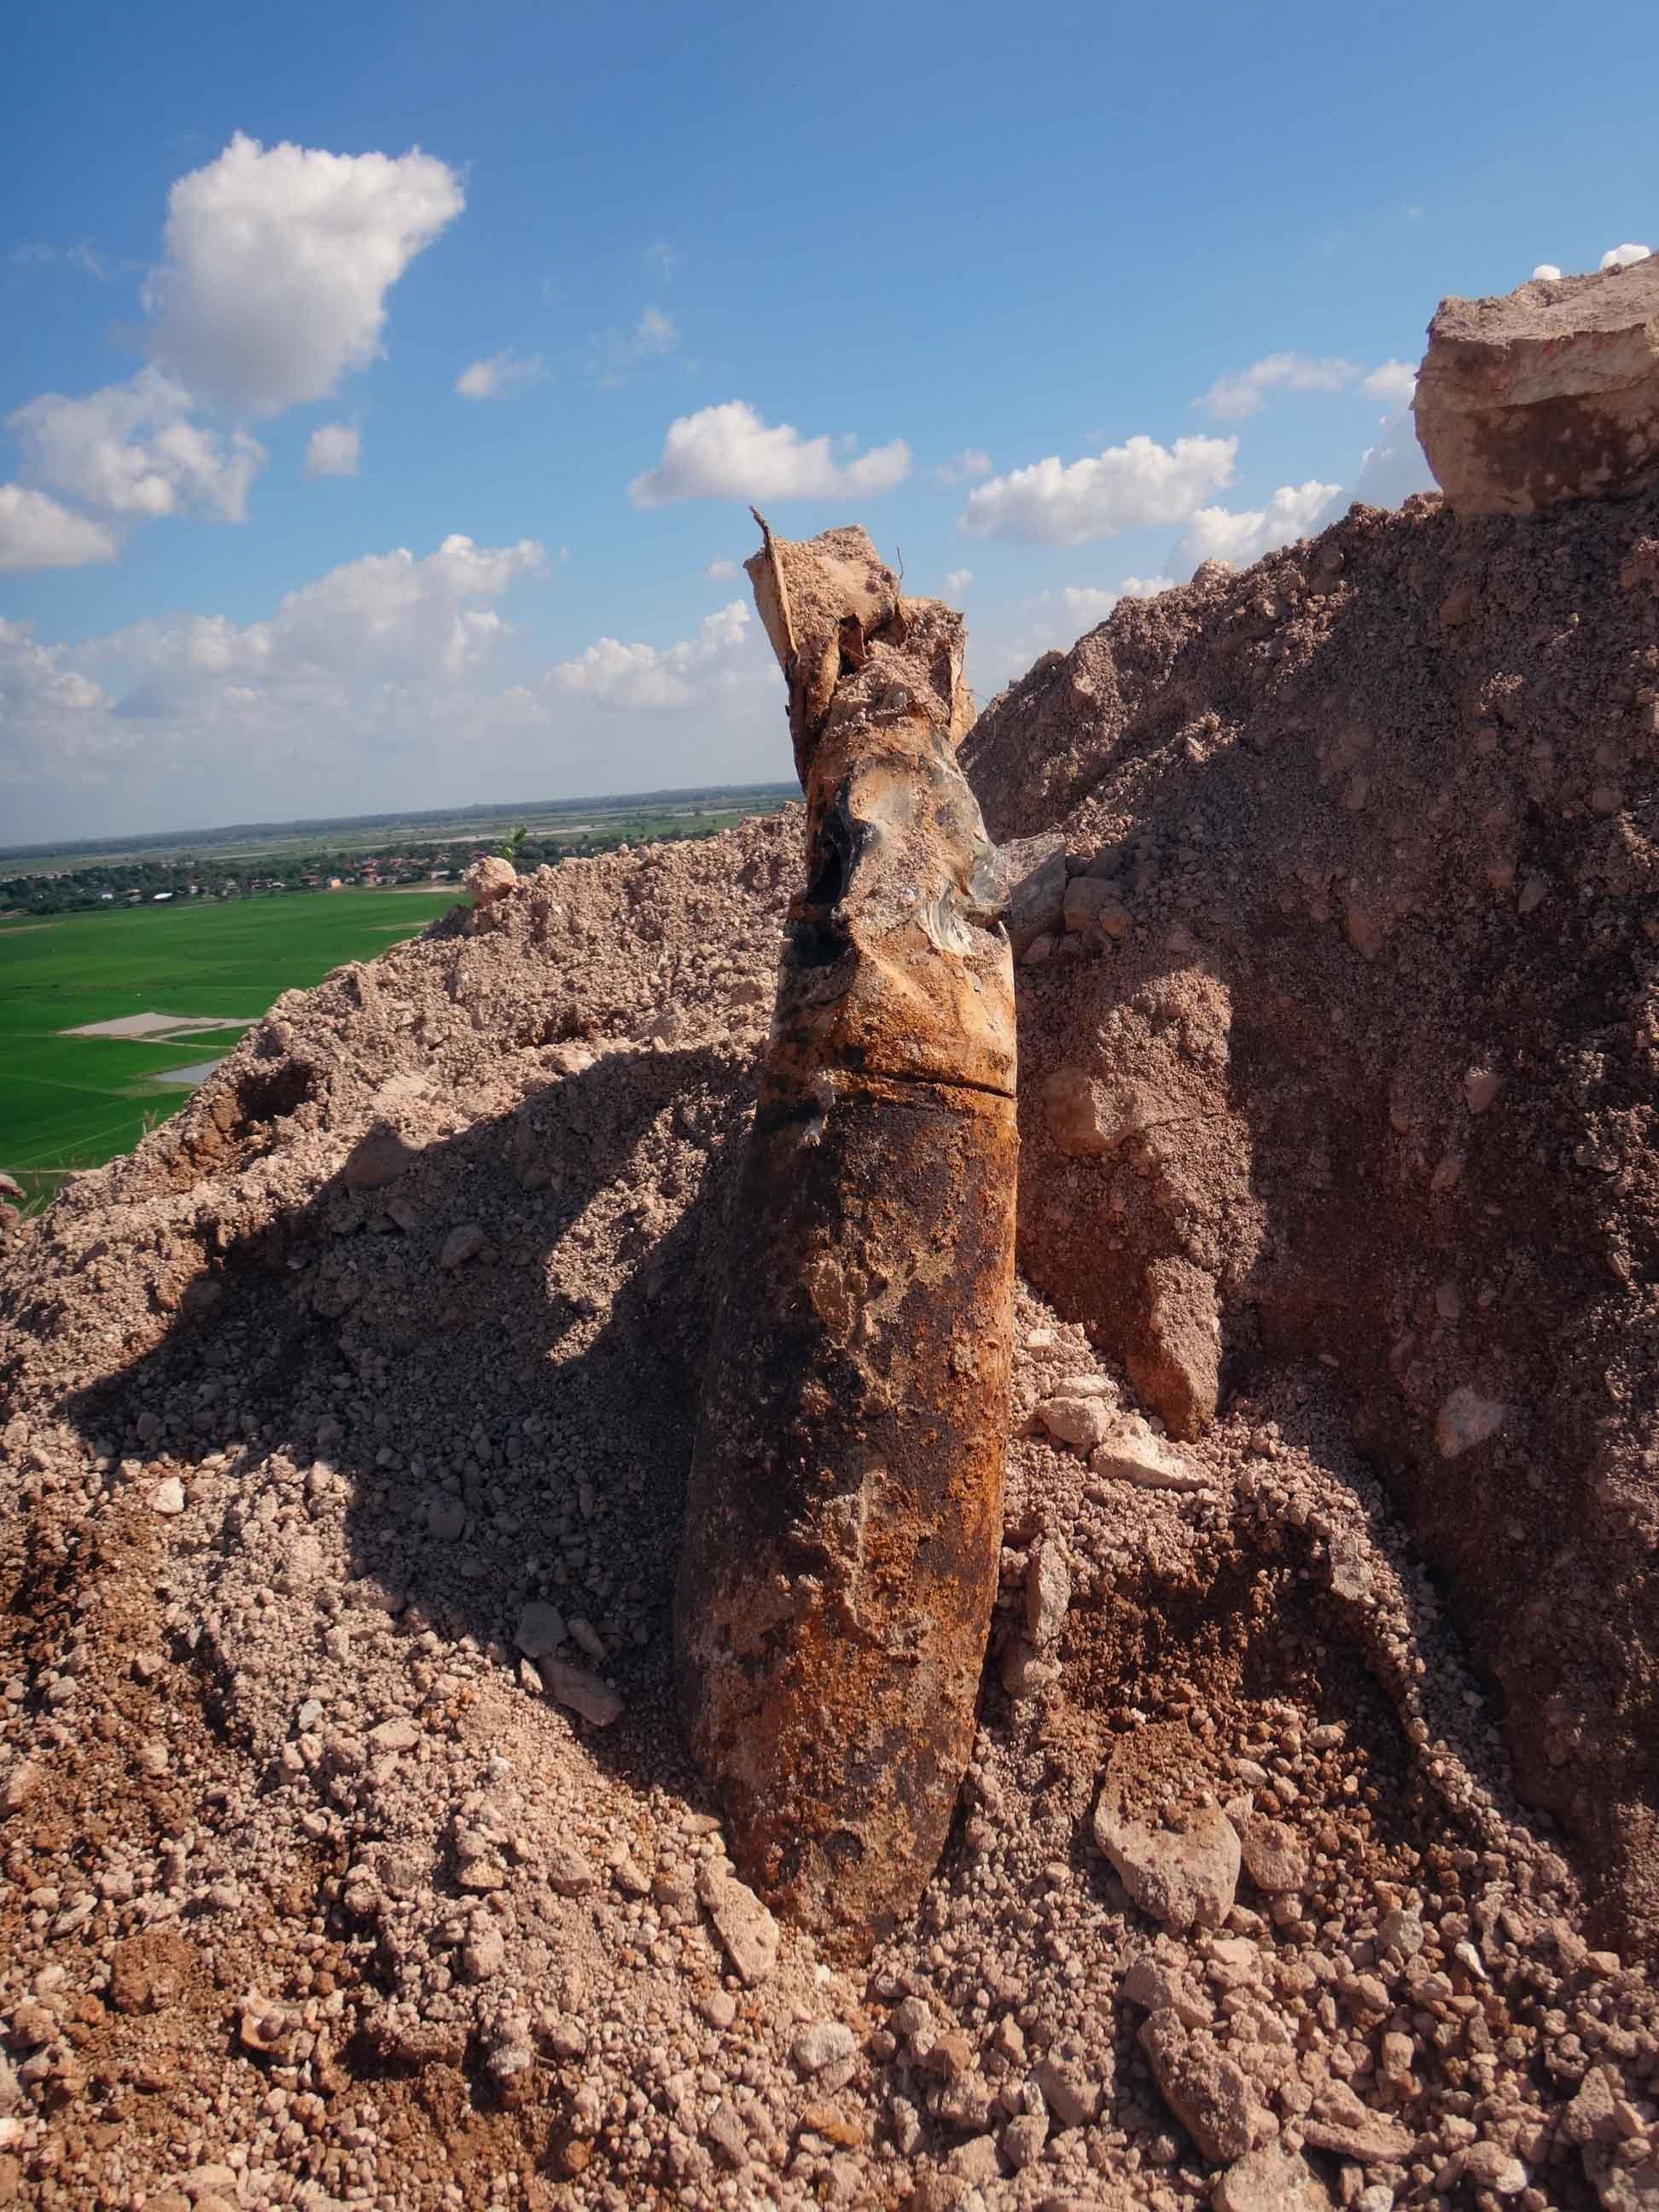 コンポンチャム州の砕石場で発見された米国製500ポンド爆弾